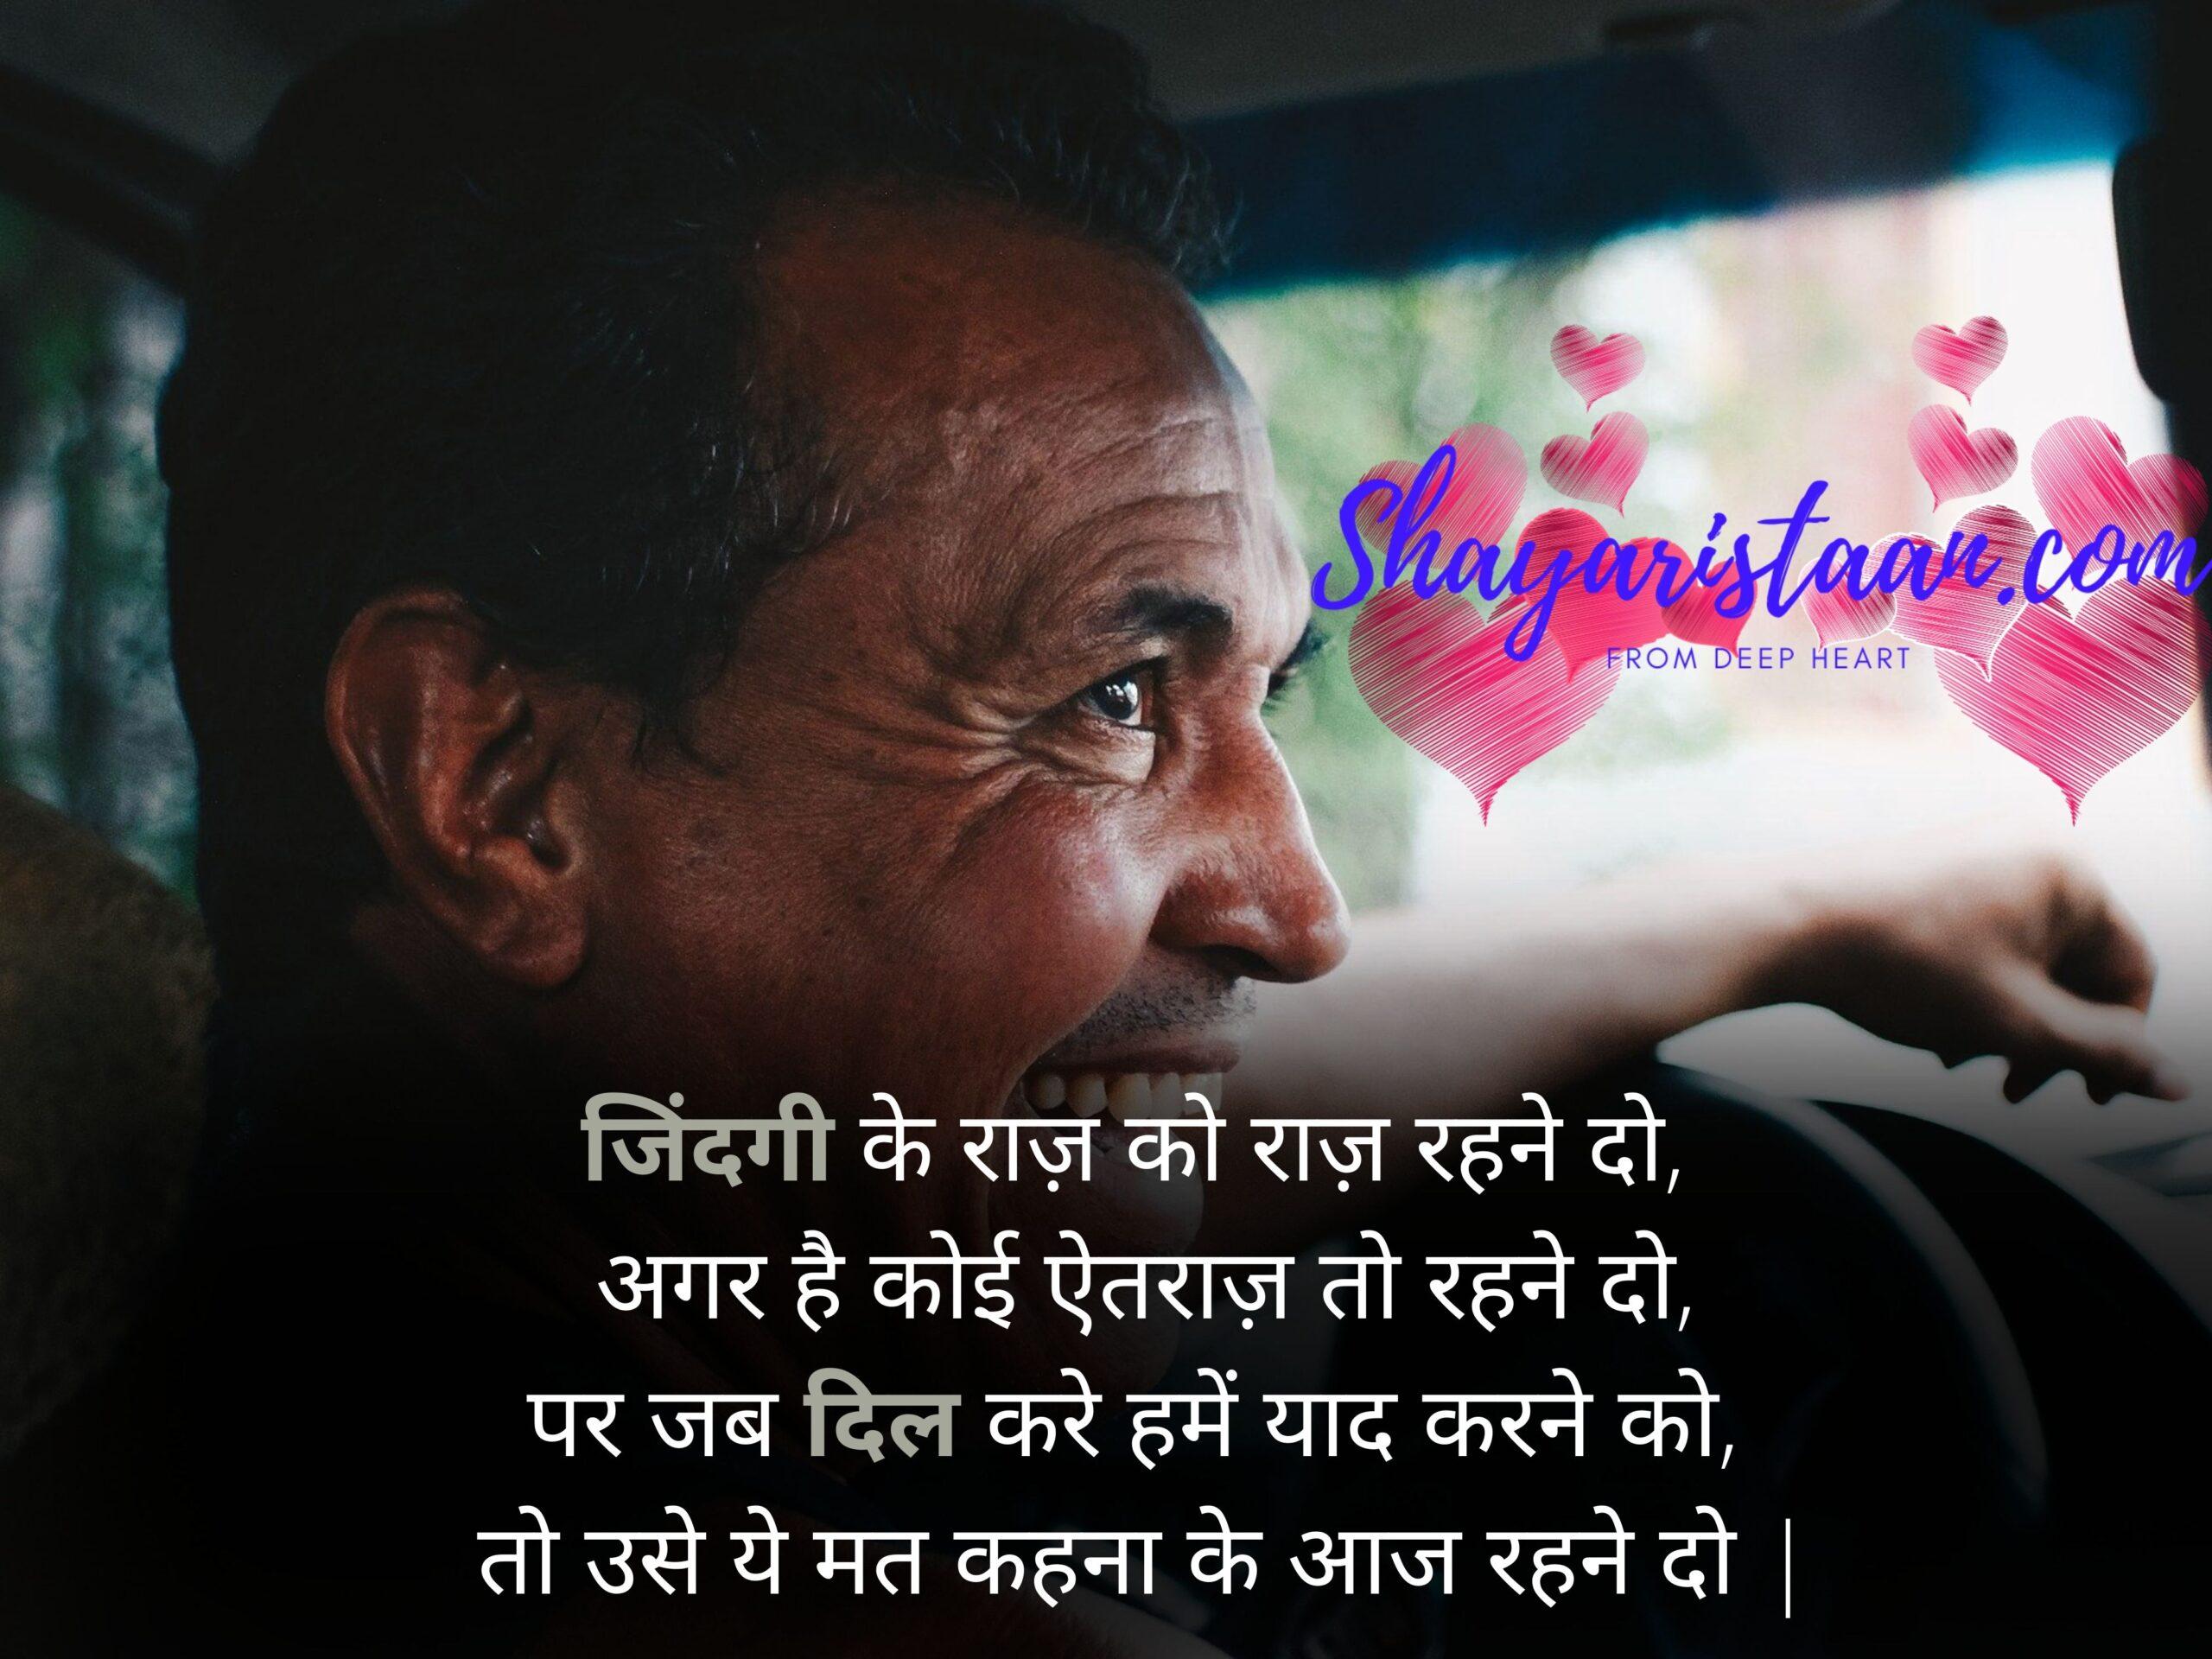 shayari on life   जिंदगी के राज़ को राज़ रहने दो, अगर है कोई ऐतराज़ तो रहने दो, पर जब दिल करे हमें याद करने को, तो उसे ये मत कहना के आज रहने दो  